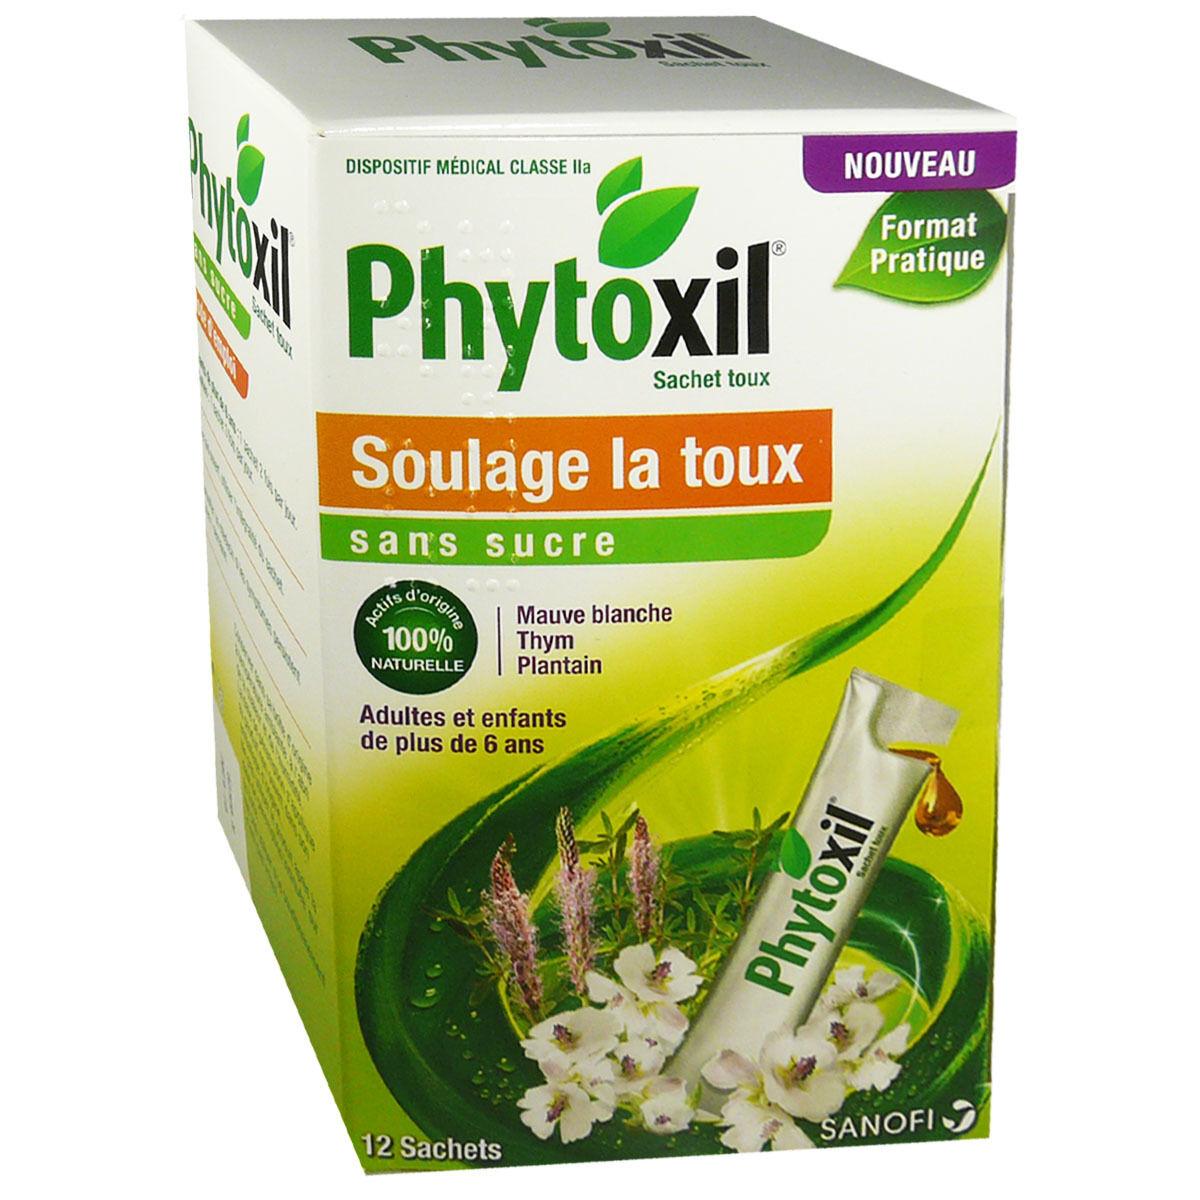 SANOFI AVENTIS Phytoxil soulage la toux 12 sachets sans sucre